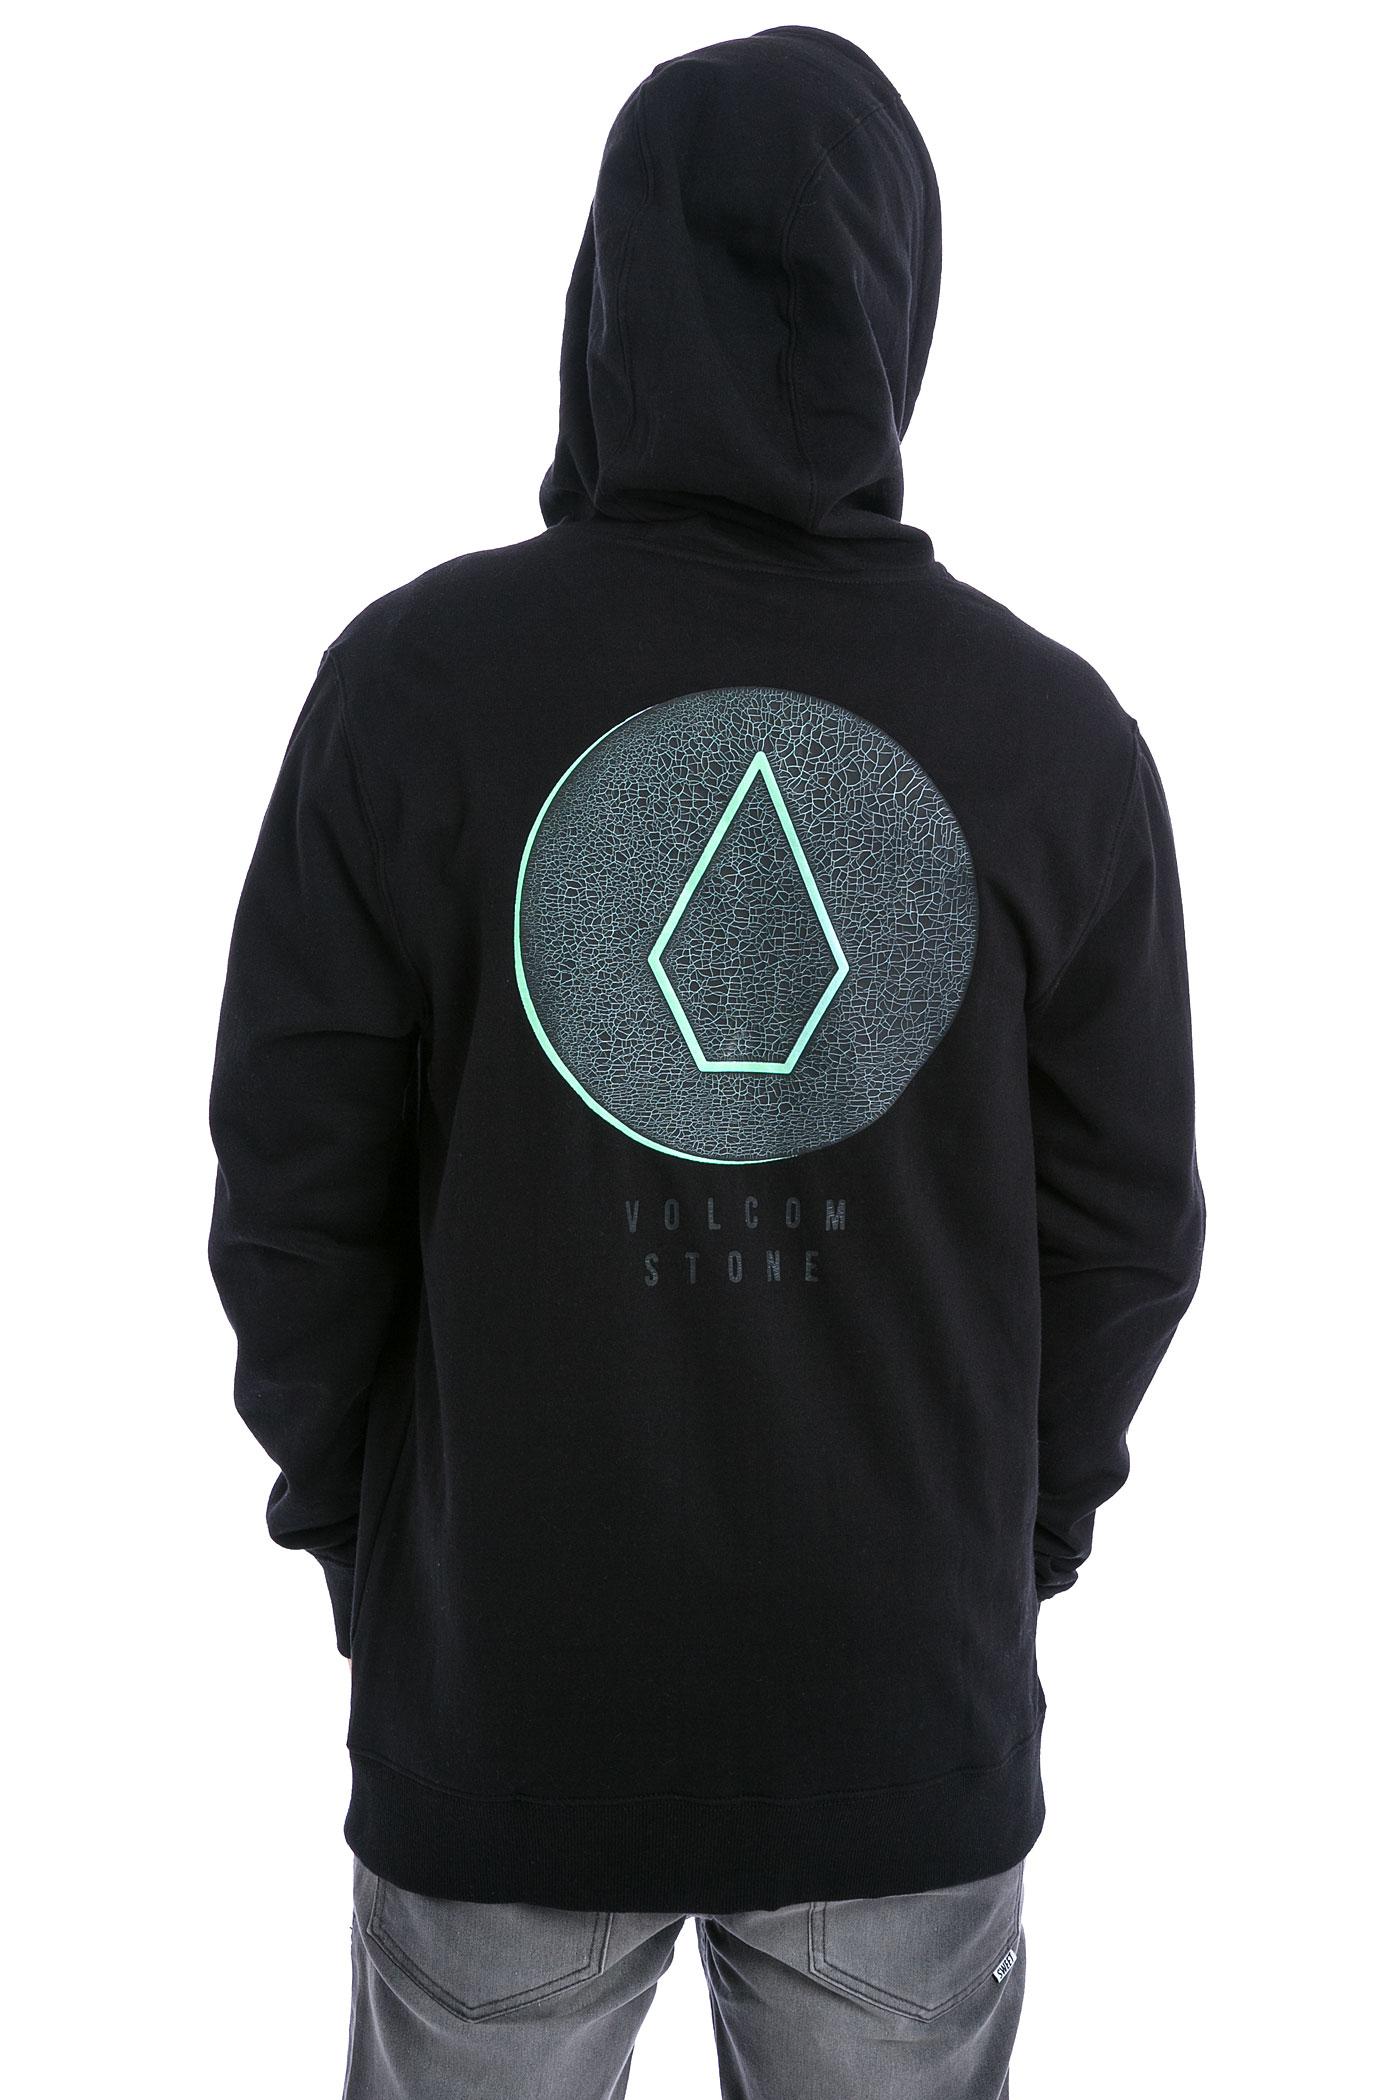 Volcom zip hoodie